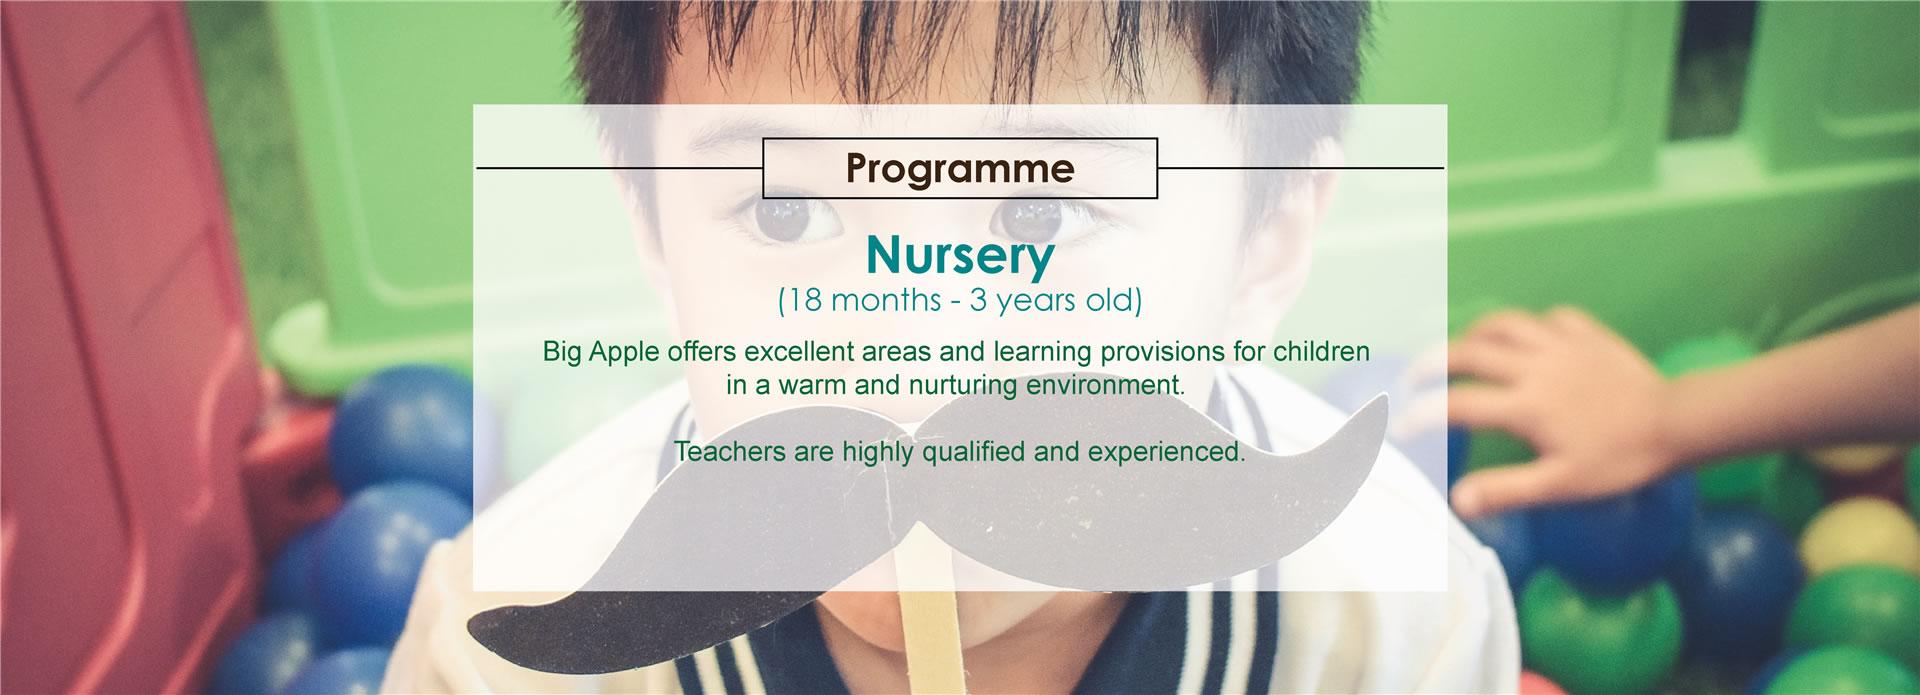 nursery-01-01 (Large)